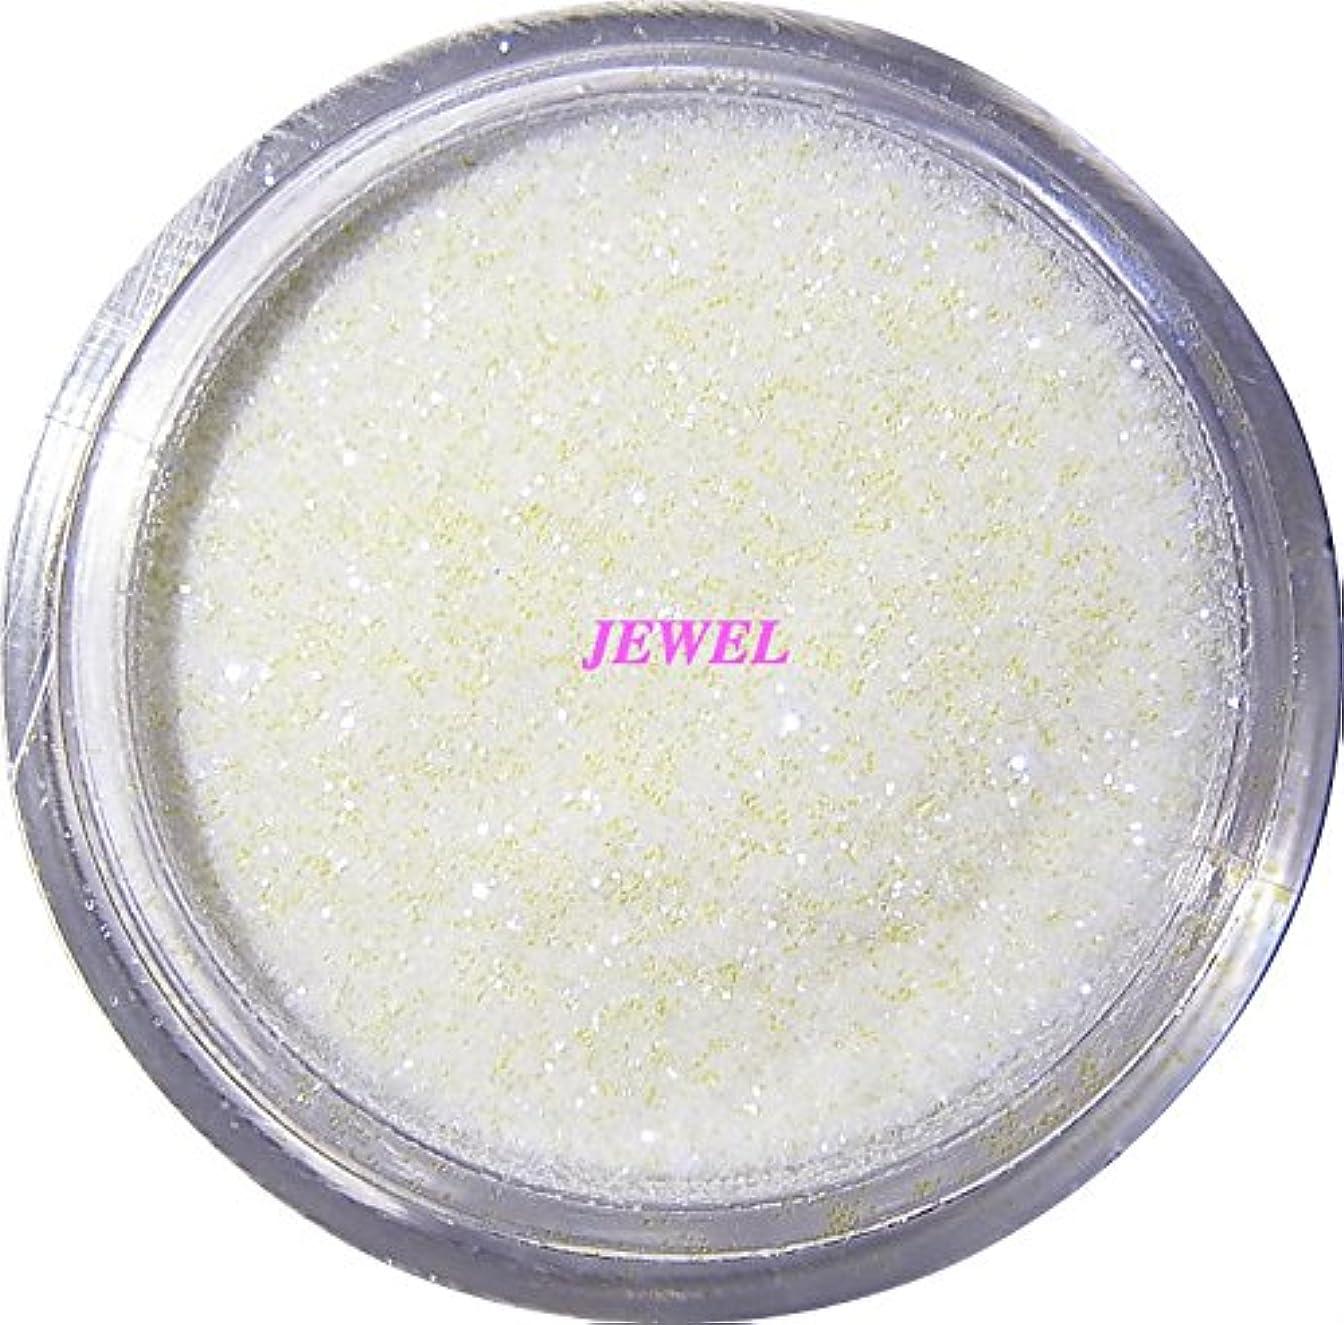 尾立場ラッチ【jewel】 超微粒子ラメパウダー(白/パールホワイト) 256/1サイズ 2g入り グリッター レジン&ネイル用